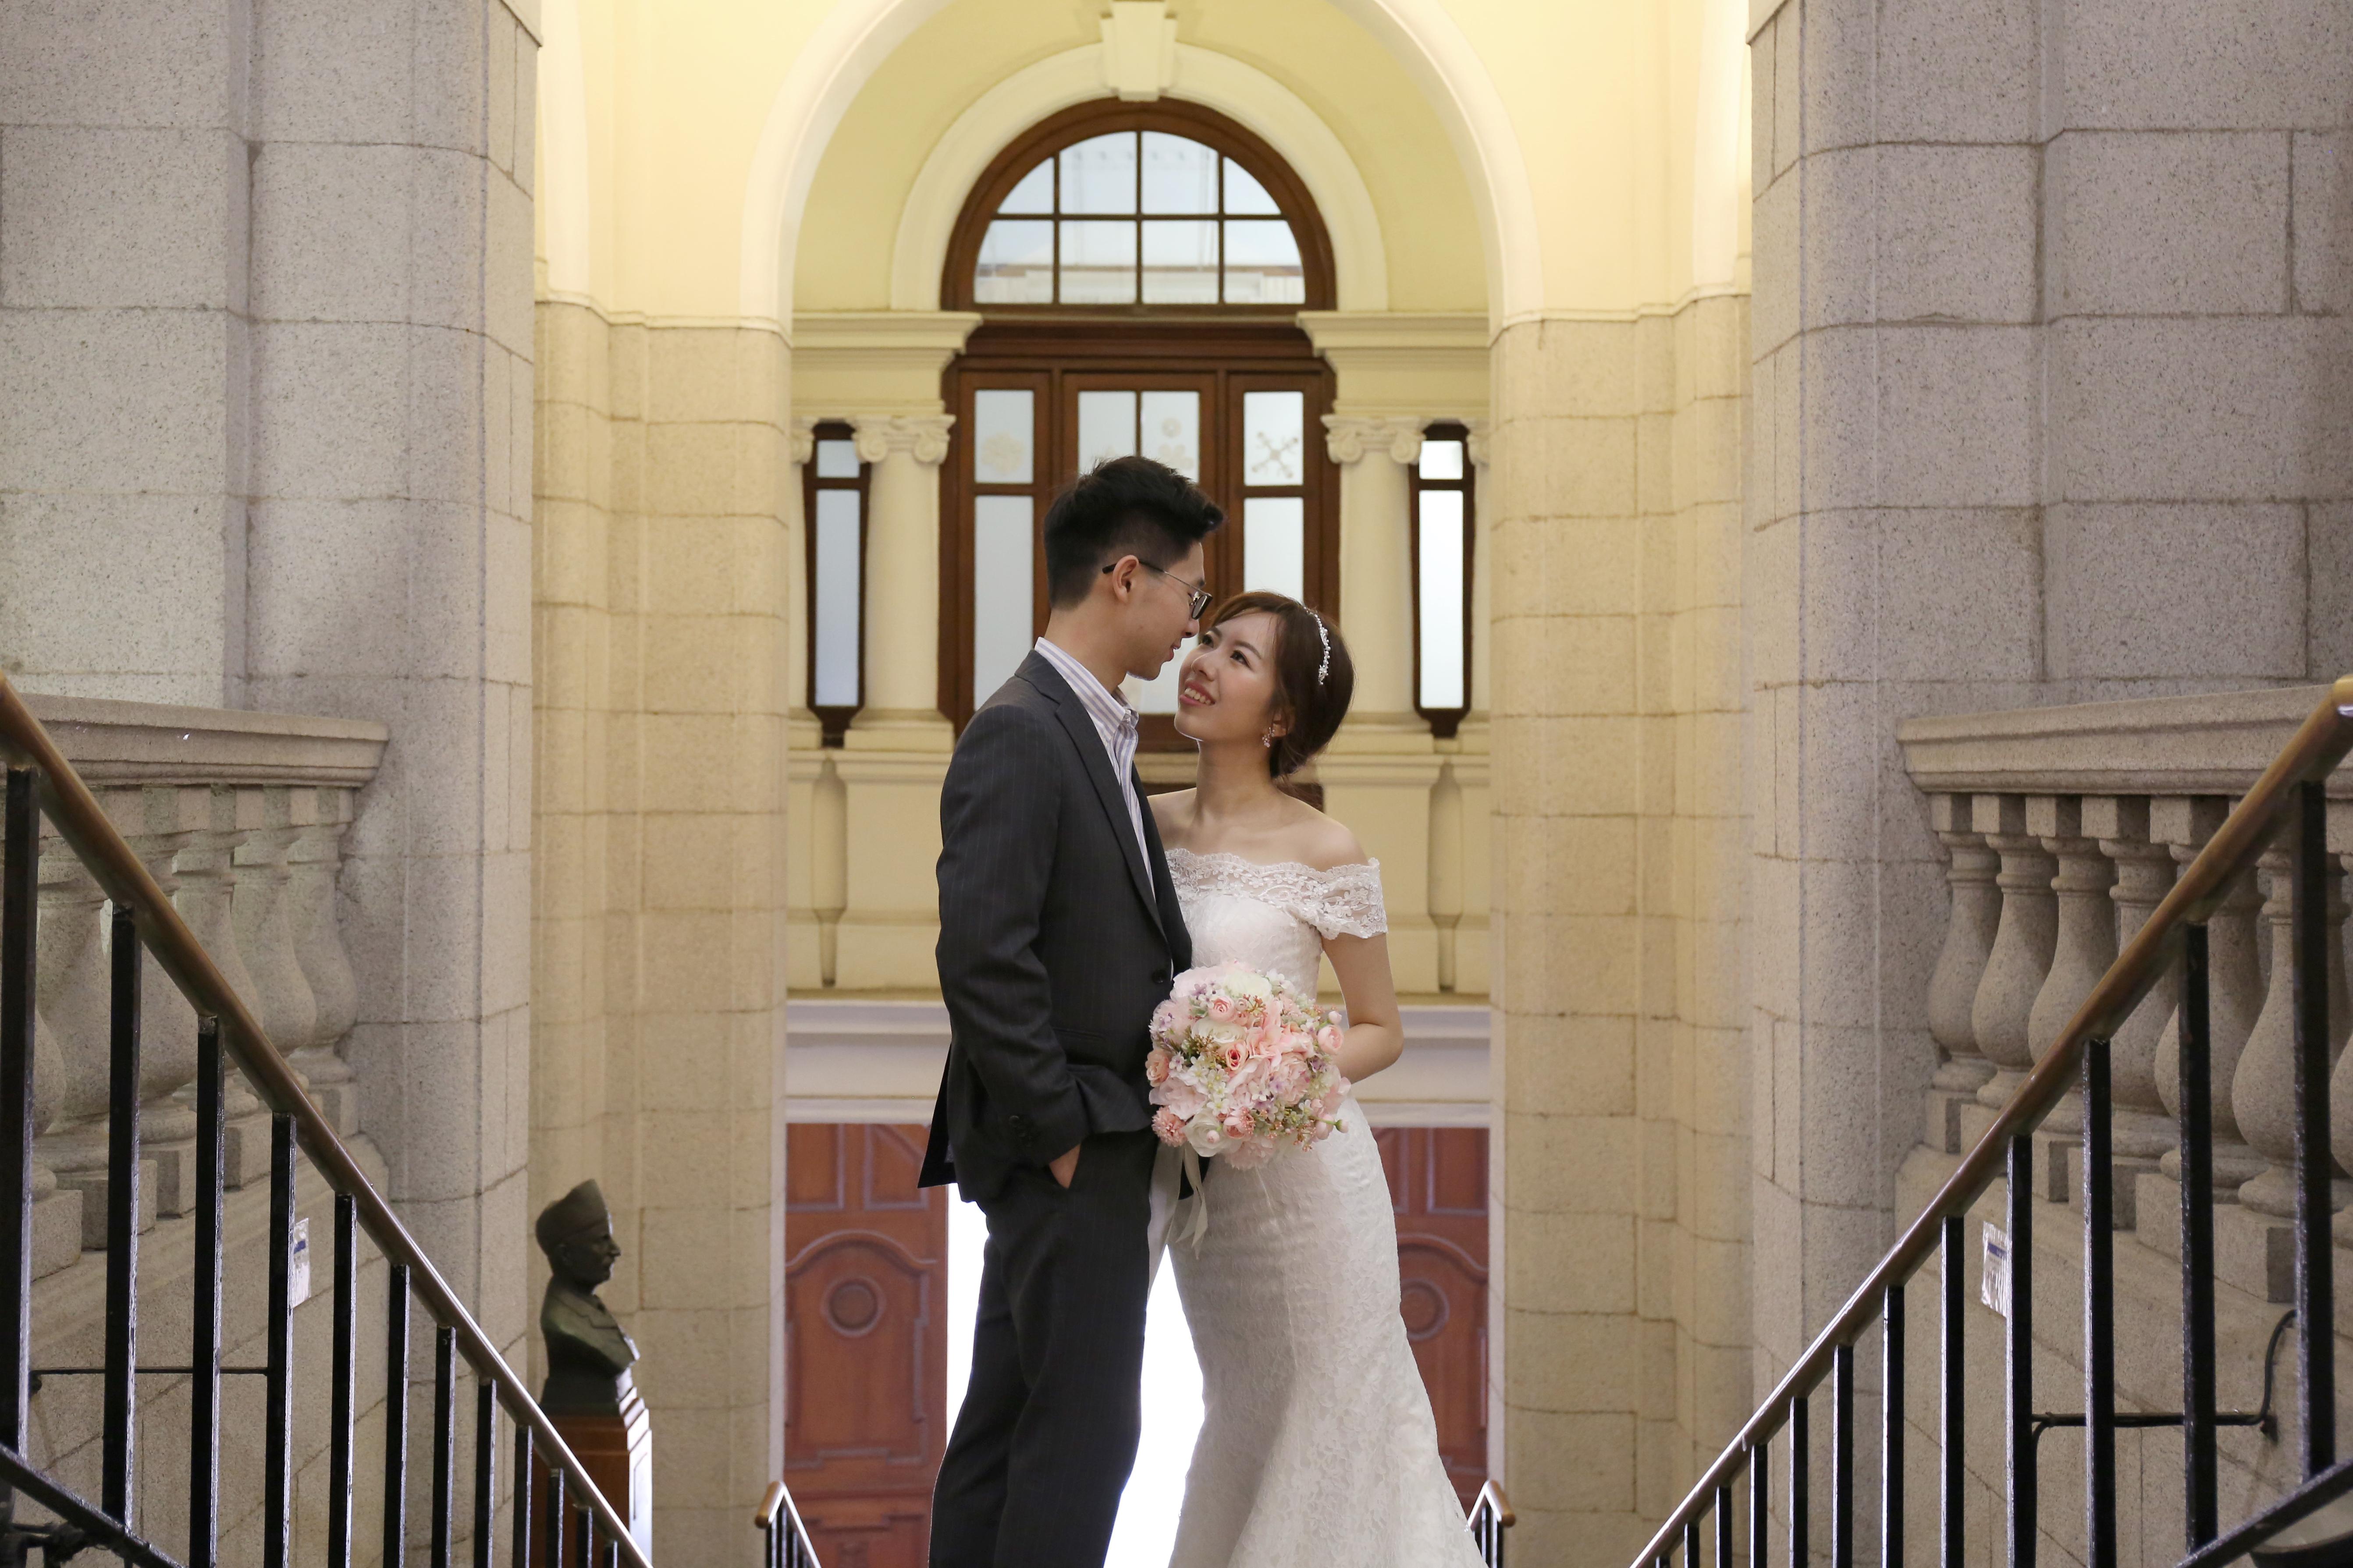 Ana & Jacky Pre-wedding